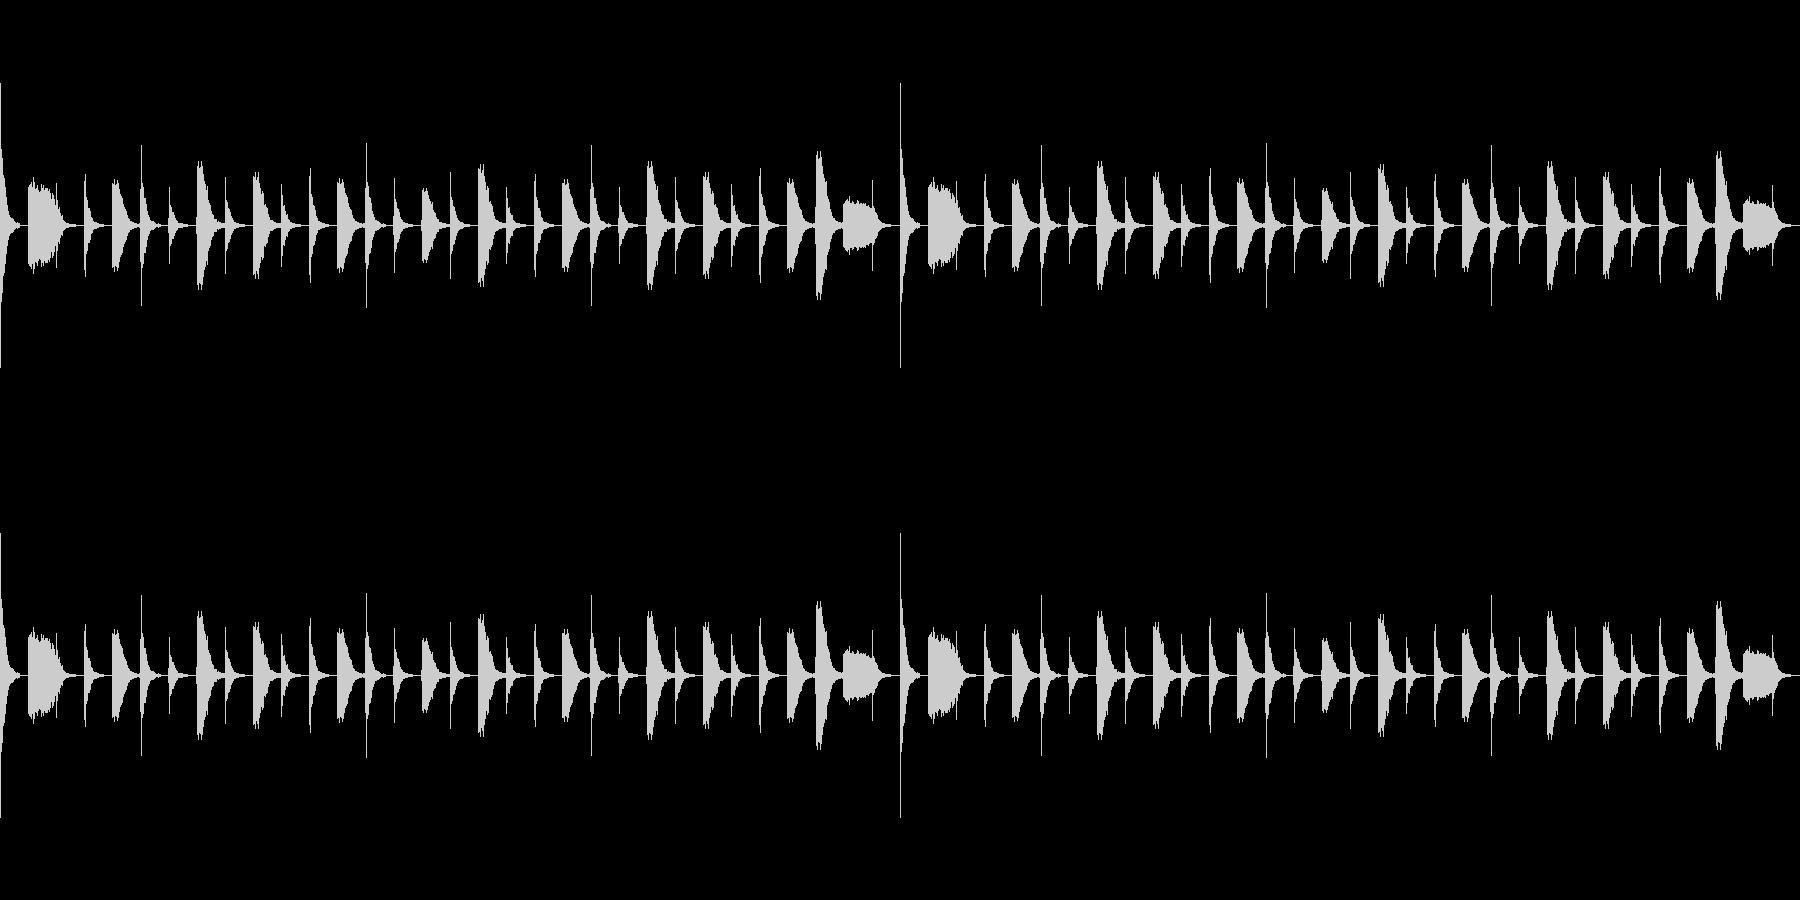 ファンクリズム ハイハットの未再生の波形